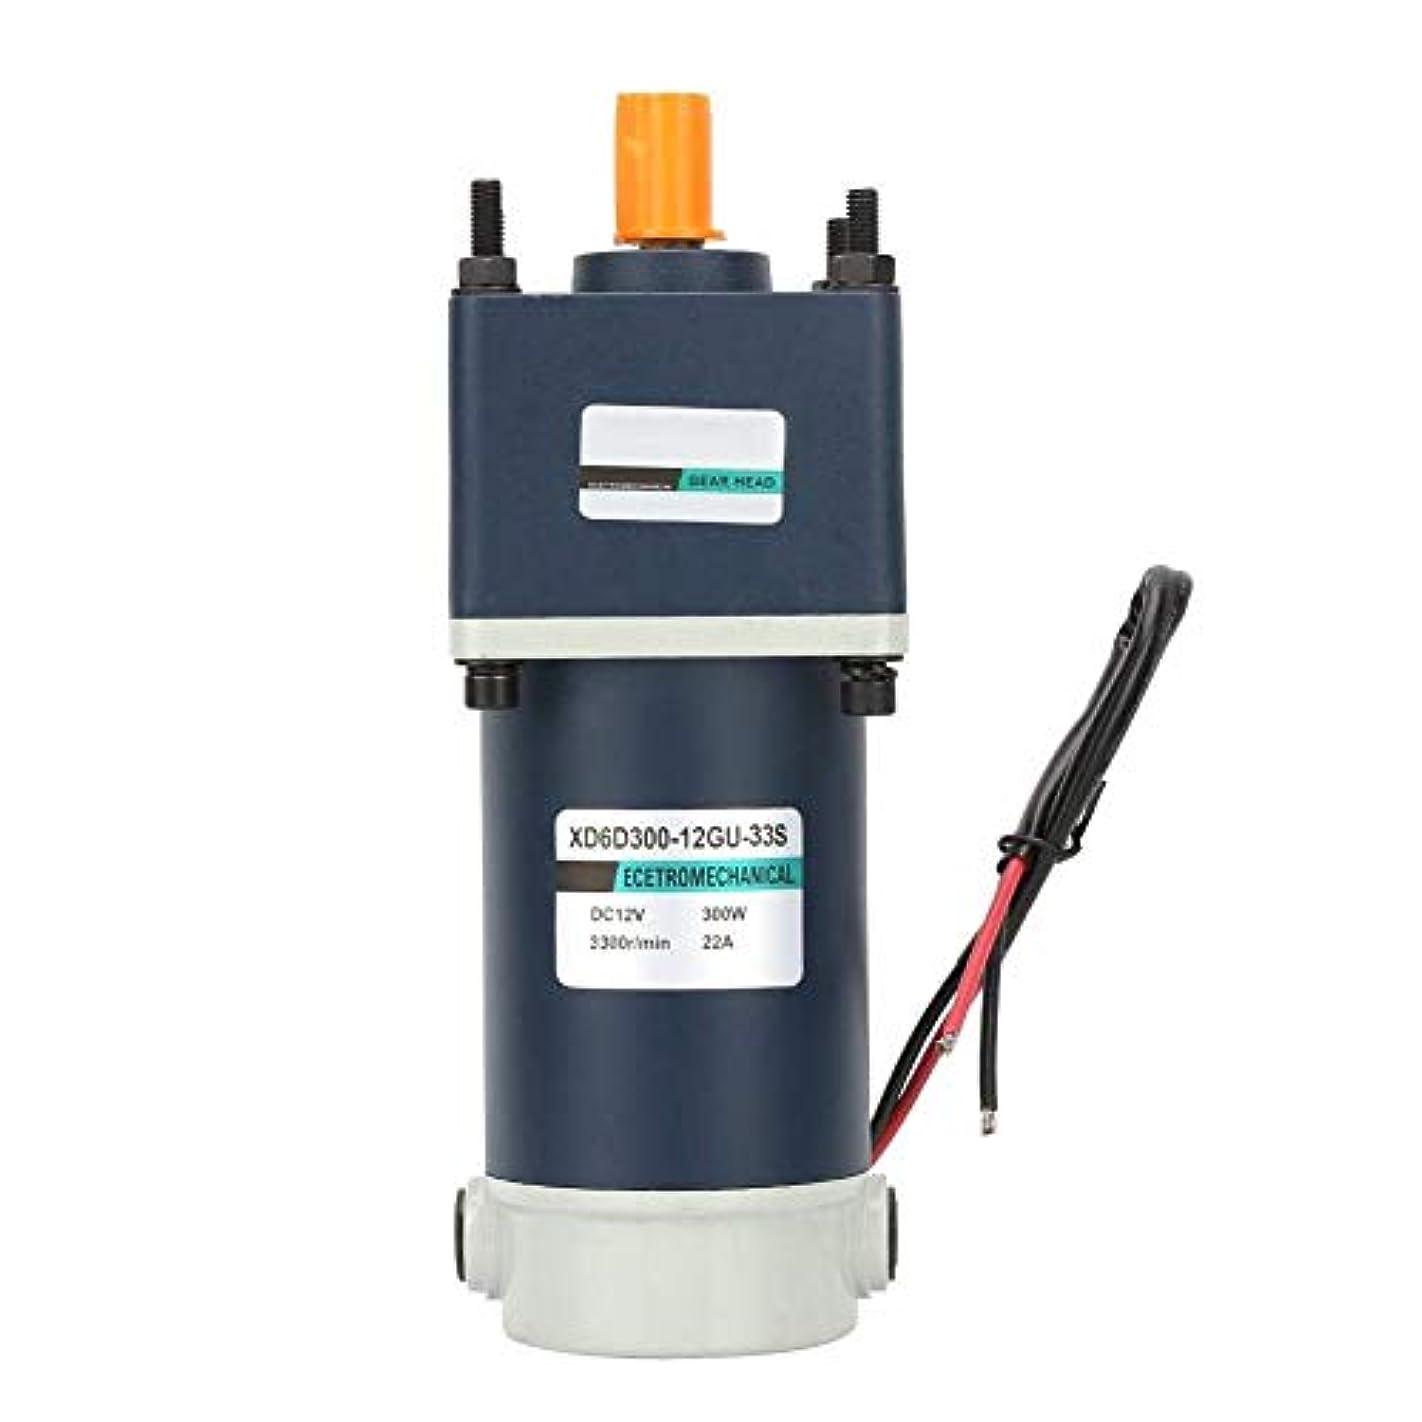 イル資源ハイランドLuckya 12V 300W DCギヤードモータ、15ミリメートルシャフトの高ねじり永久磁石DCギヤードメタルギア減速モーター(300RPM)